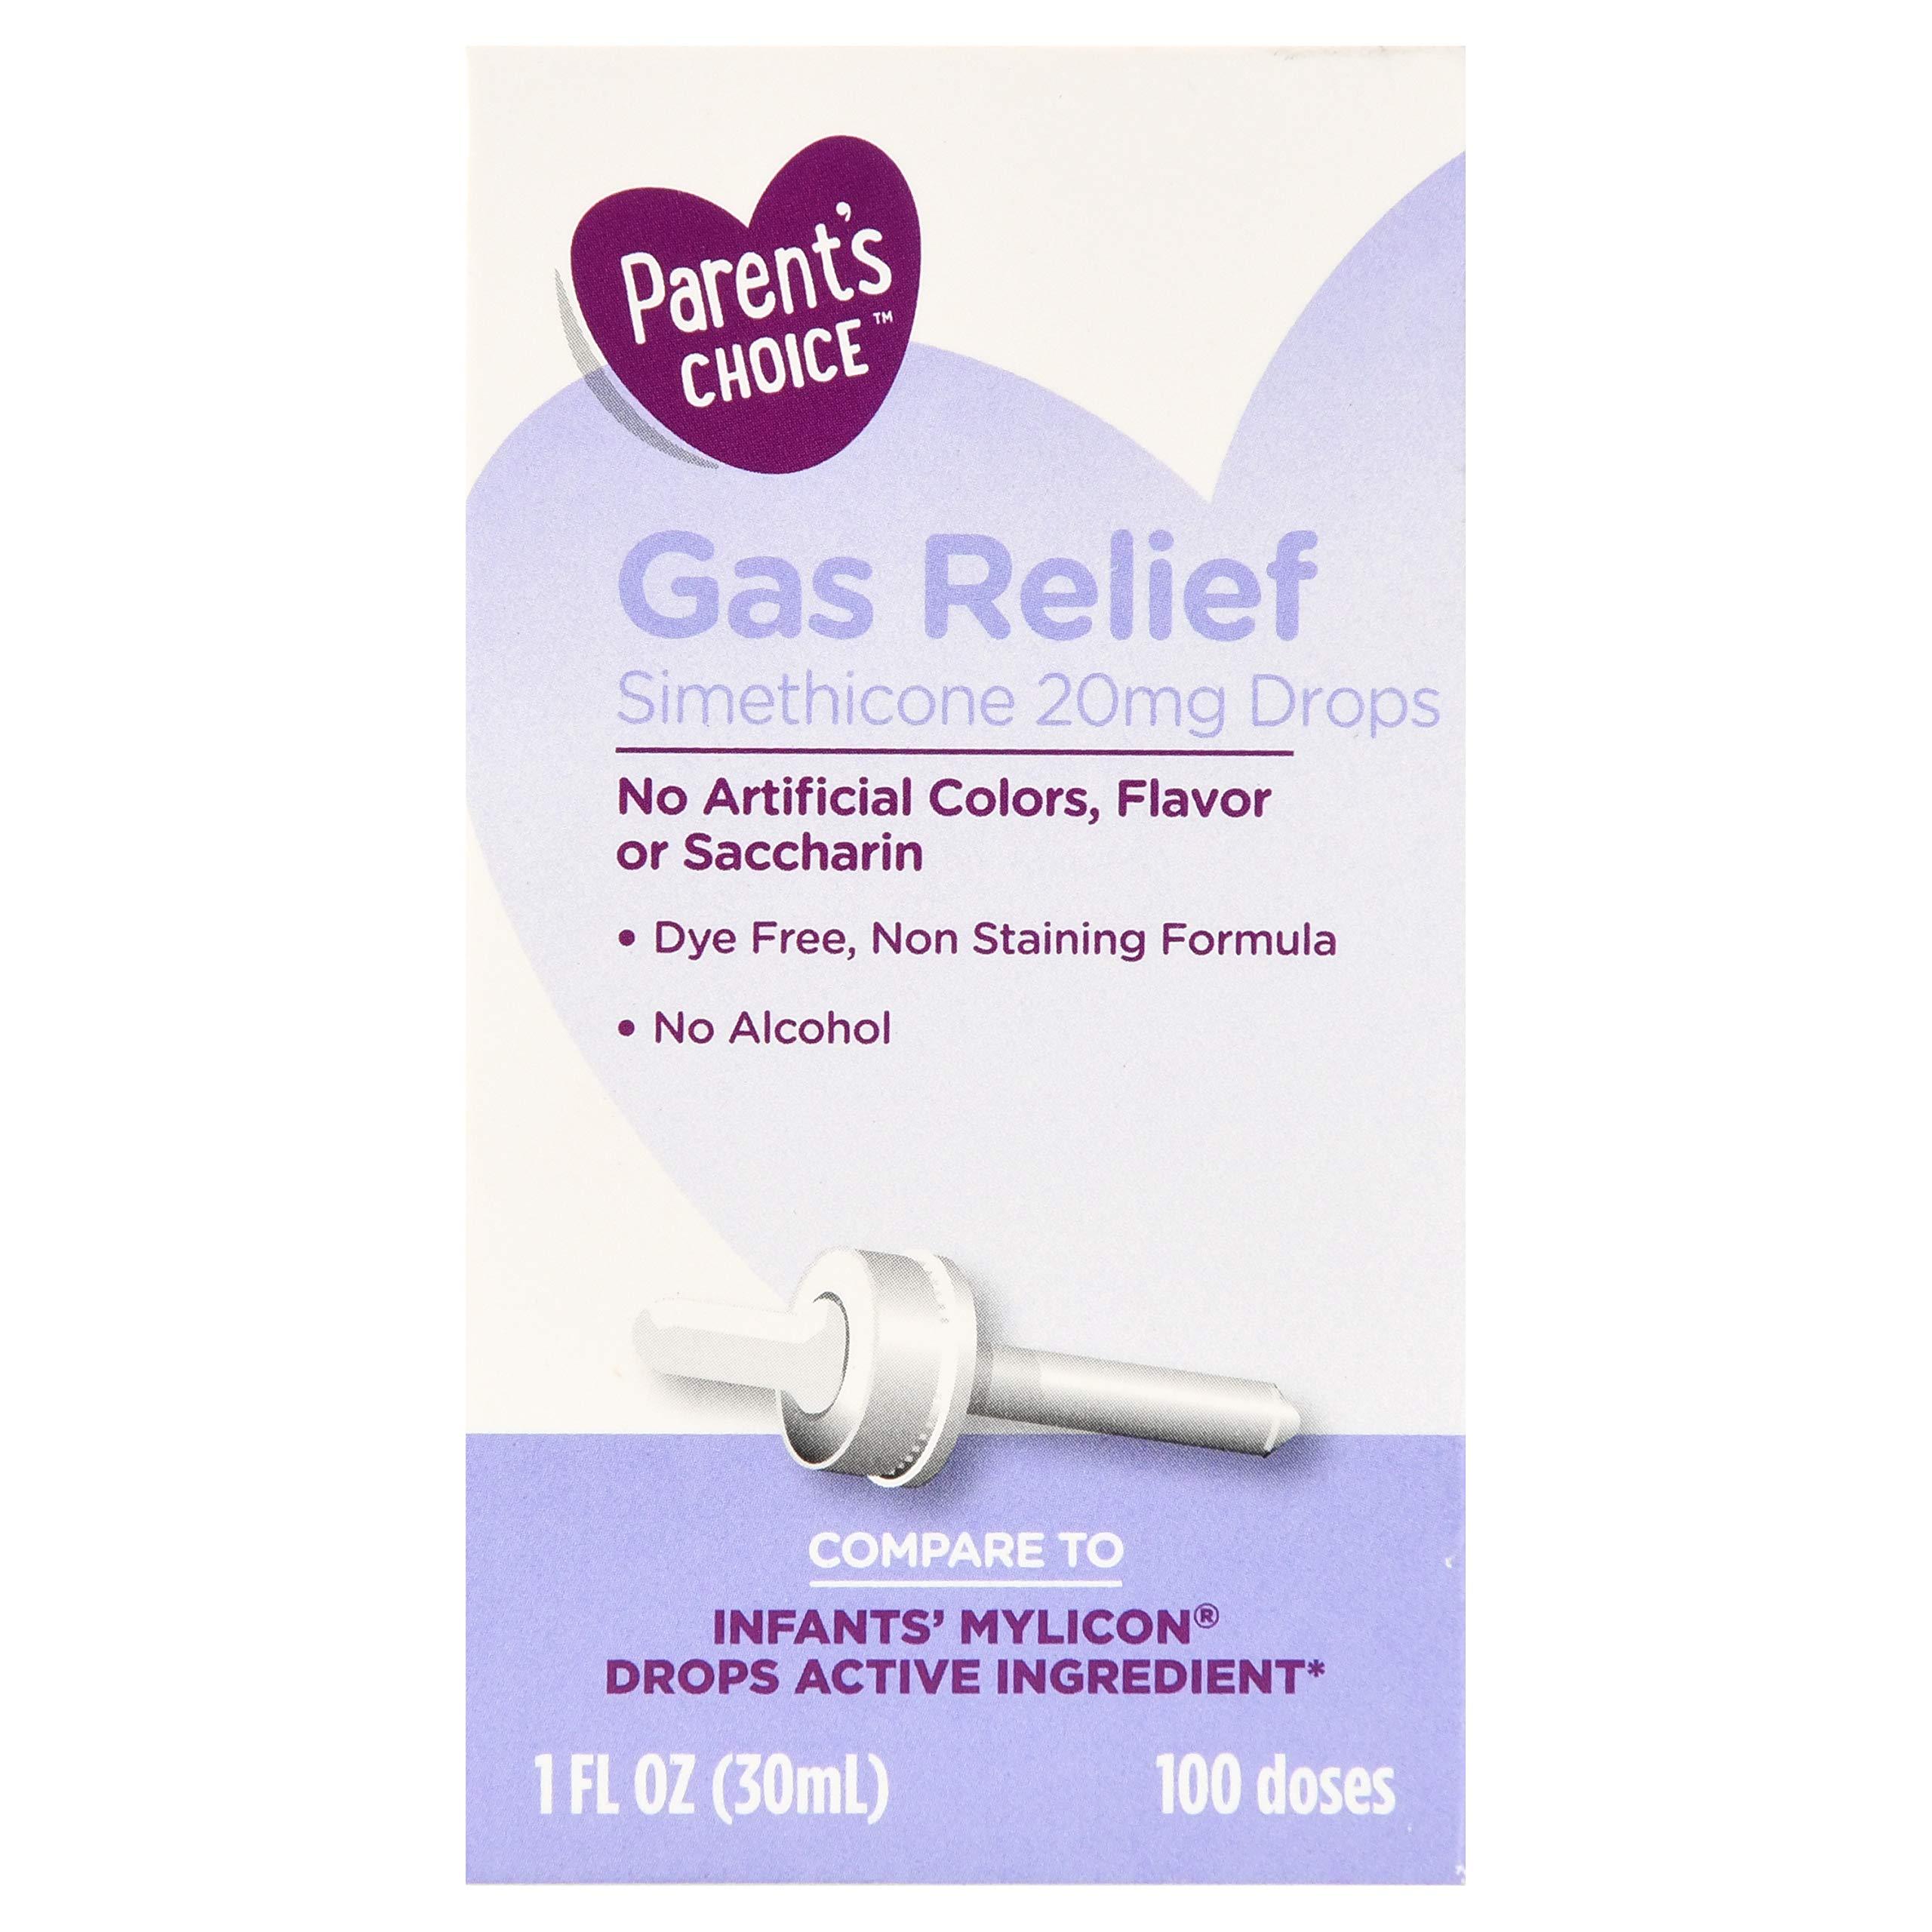 Parent's Choice Infants' Gas Relief Simethicone Drops, 20mg, 1 fl oz